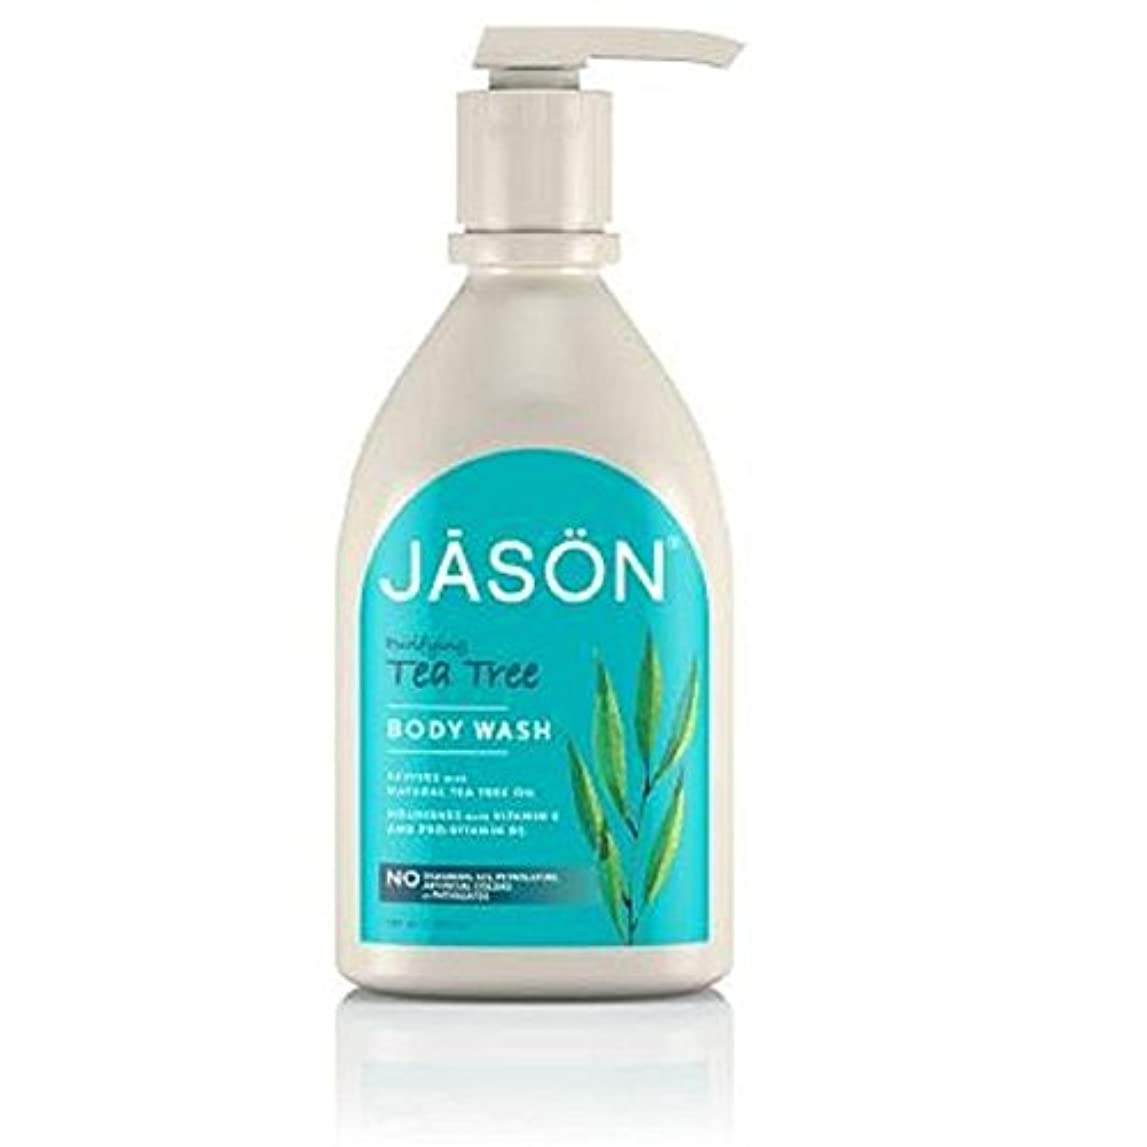 トリップ燃やす敬意を表してジェイソン?ティーツリーサテンボディウォッシュポンプ900ミリリットル x2 - Jason Tea Tree Satin Body Wash Pump 900ml (Pack of 2) [並行輸入品]